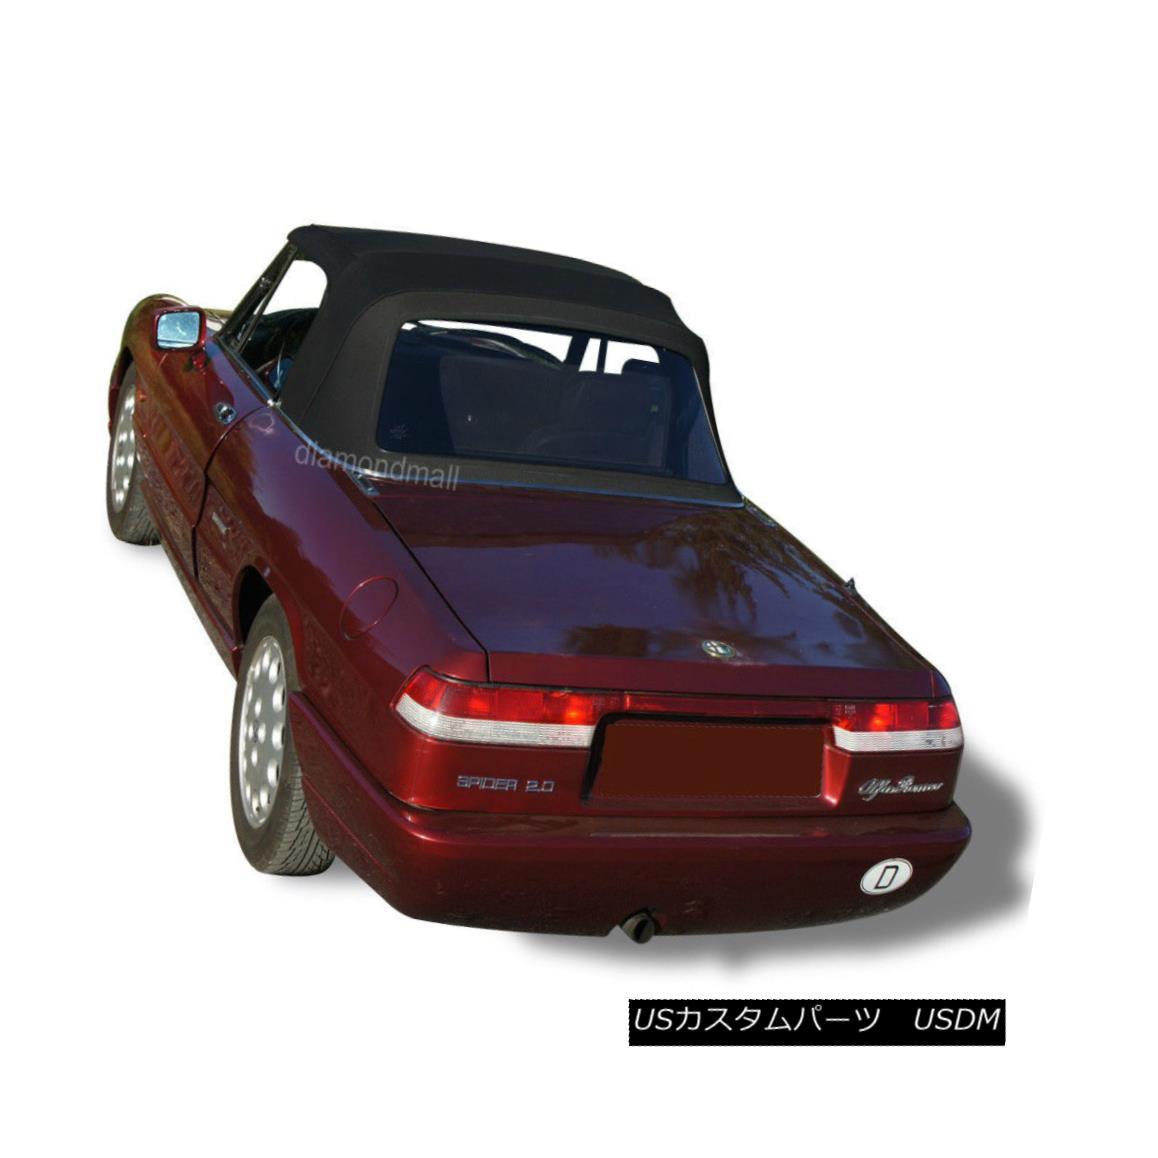 幌・ソフトトップ Alfa Romeo Spider Graduate Veloce Convertible Soft Top BLACK Stayfast Cloth Alfa Romeo Spider GraduateベロアコンバーチブルソフトトップBLACK Stayfast Cloth